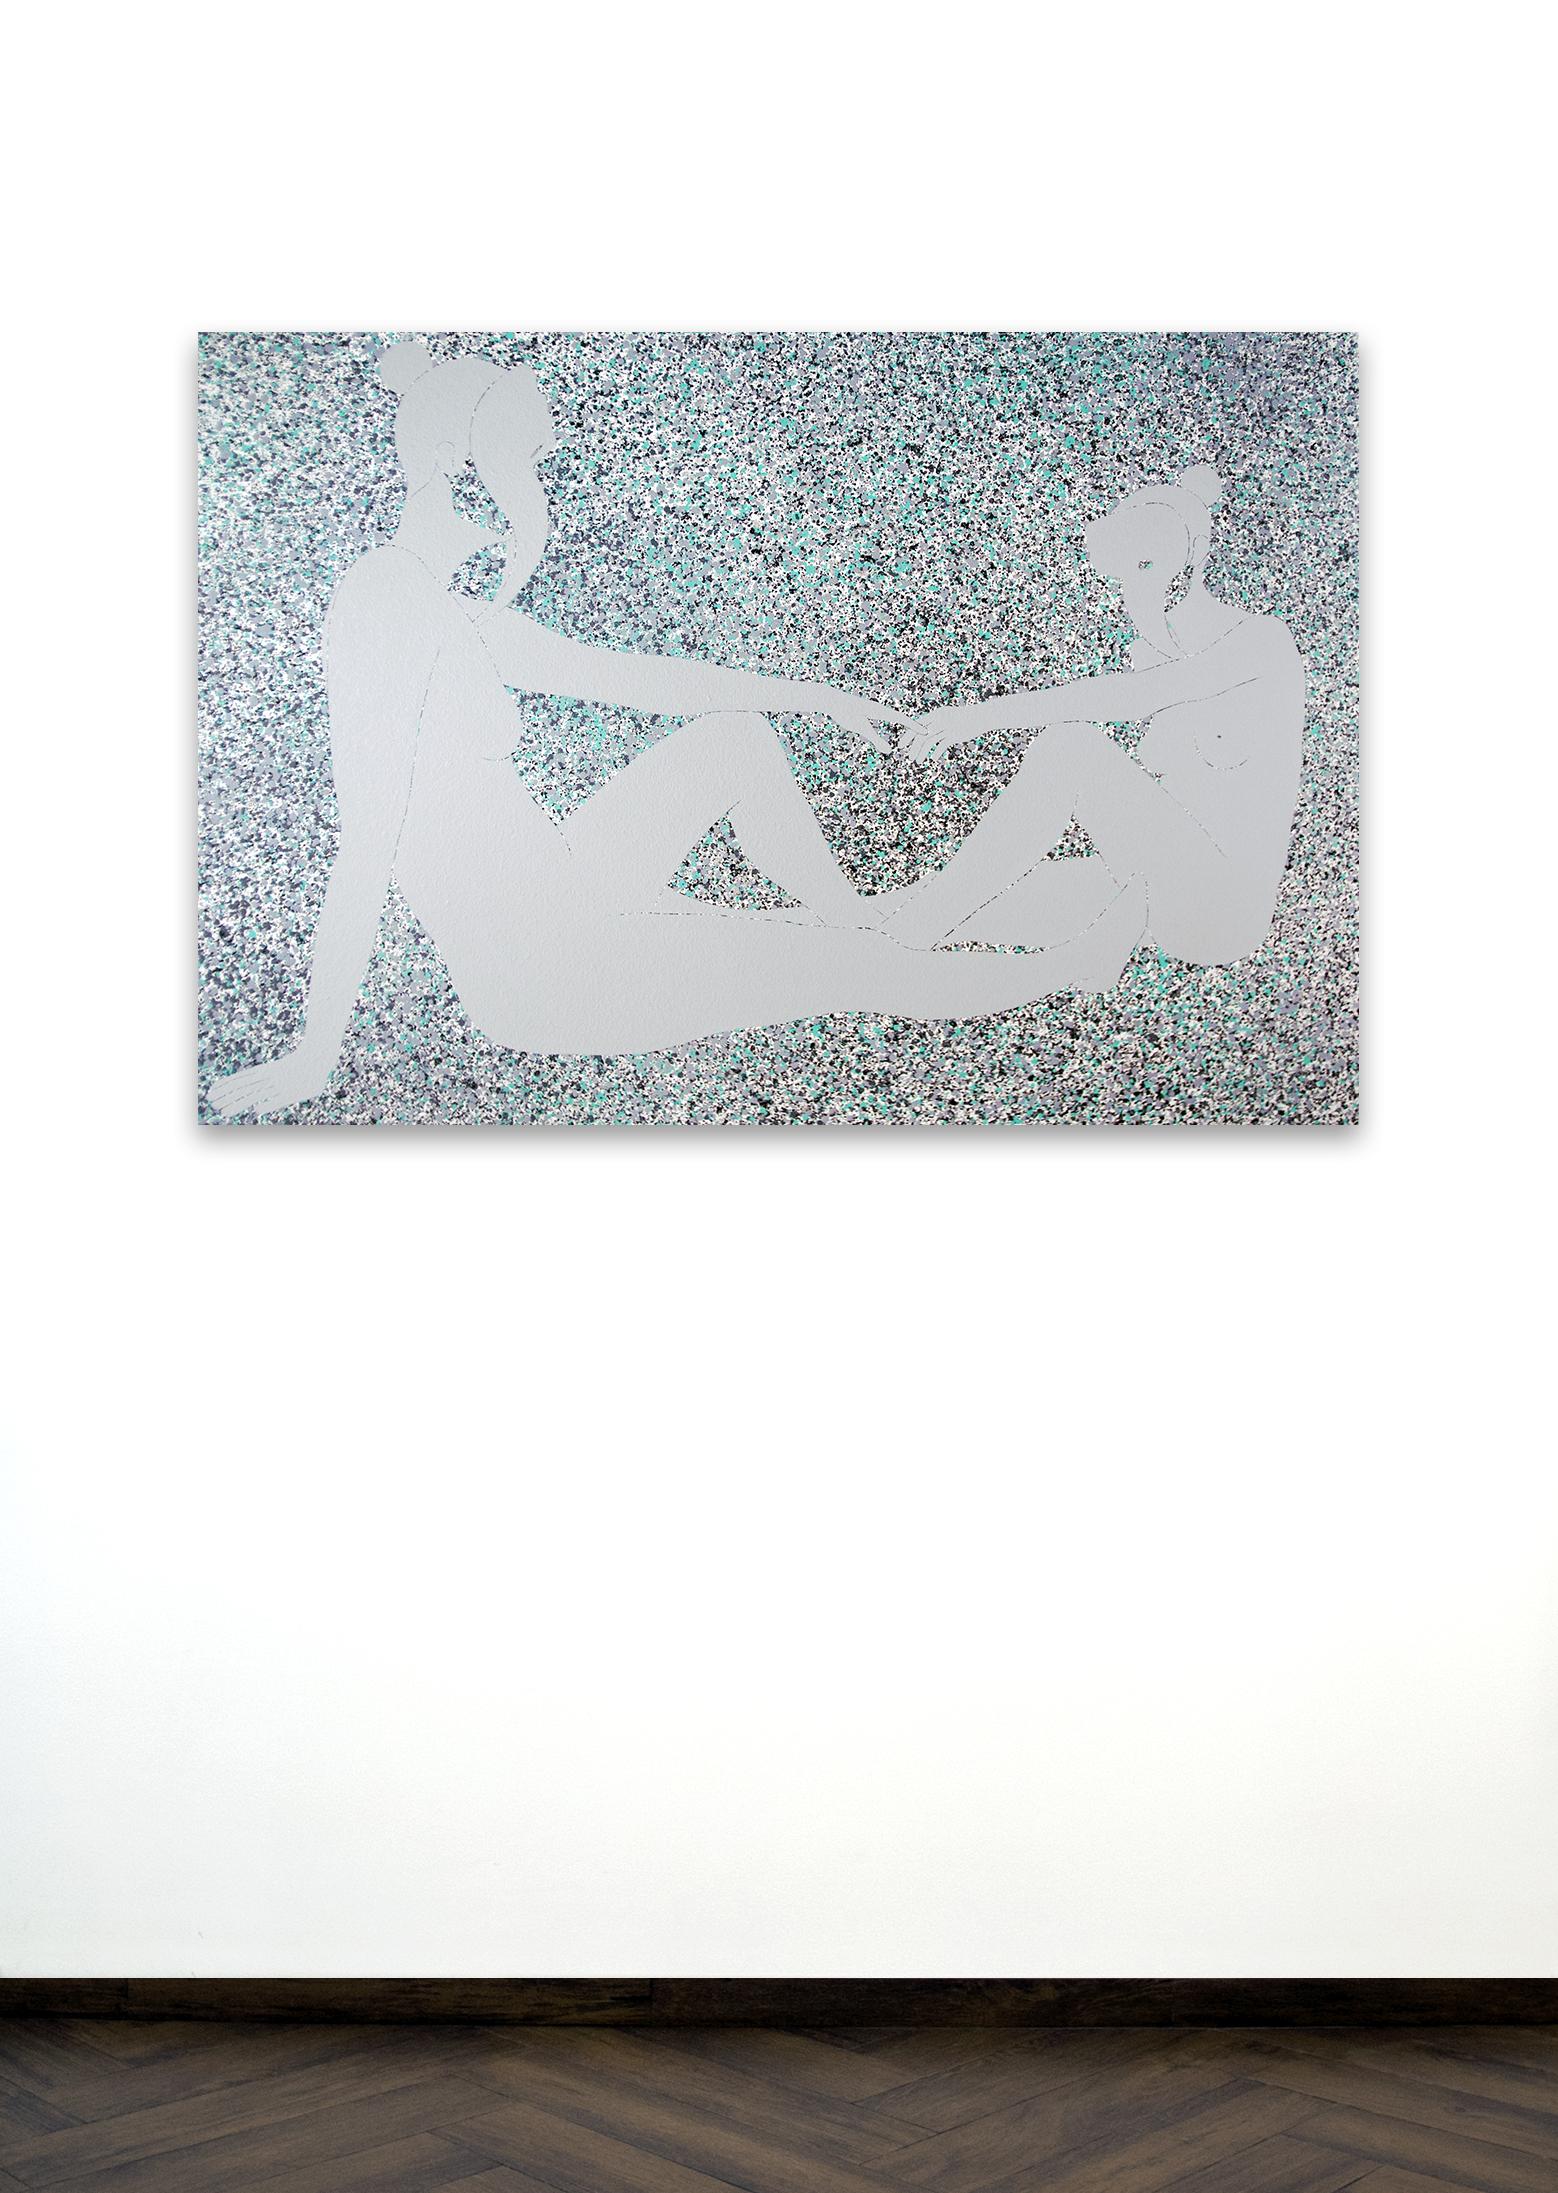 Skoya Assémat-Tessandier, Sleeping Beauty °X, 2015 90cm x 135cm, Acrylic on canvas, wooden stretchers.